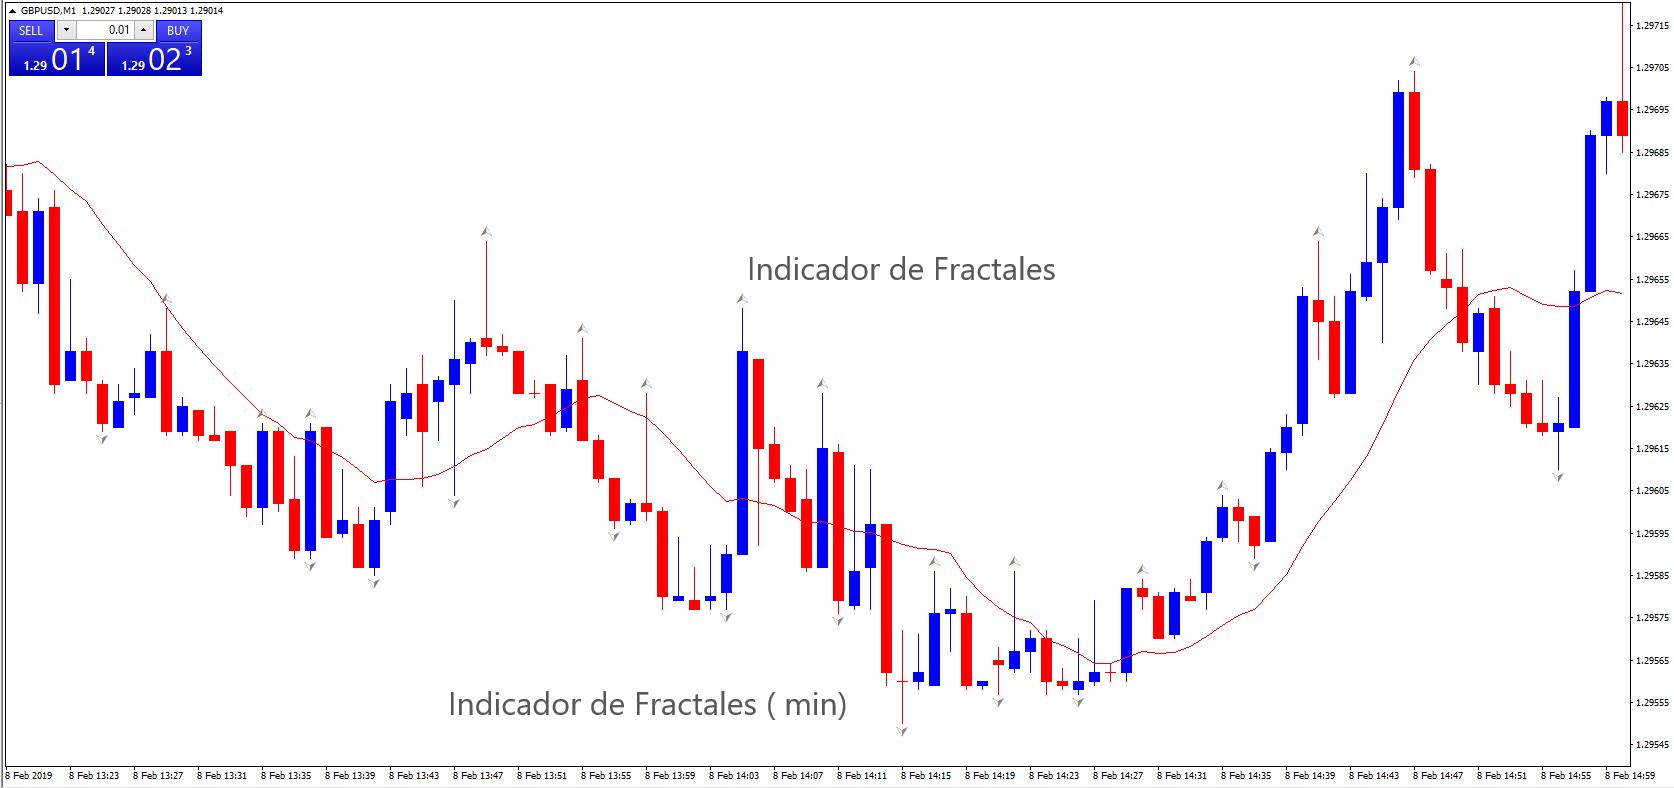 Teoría Dow- Fractales